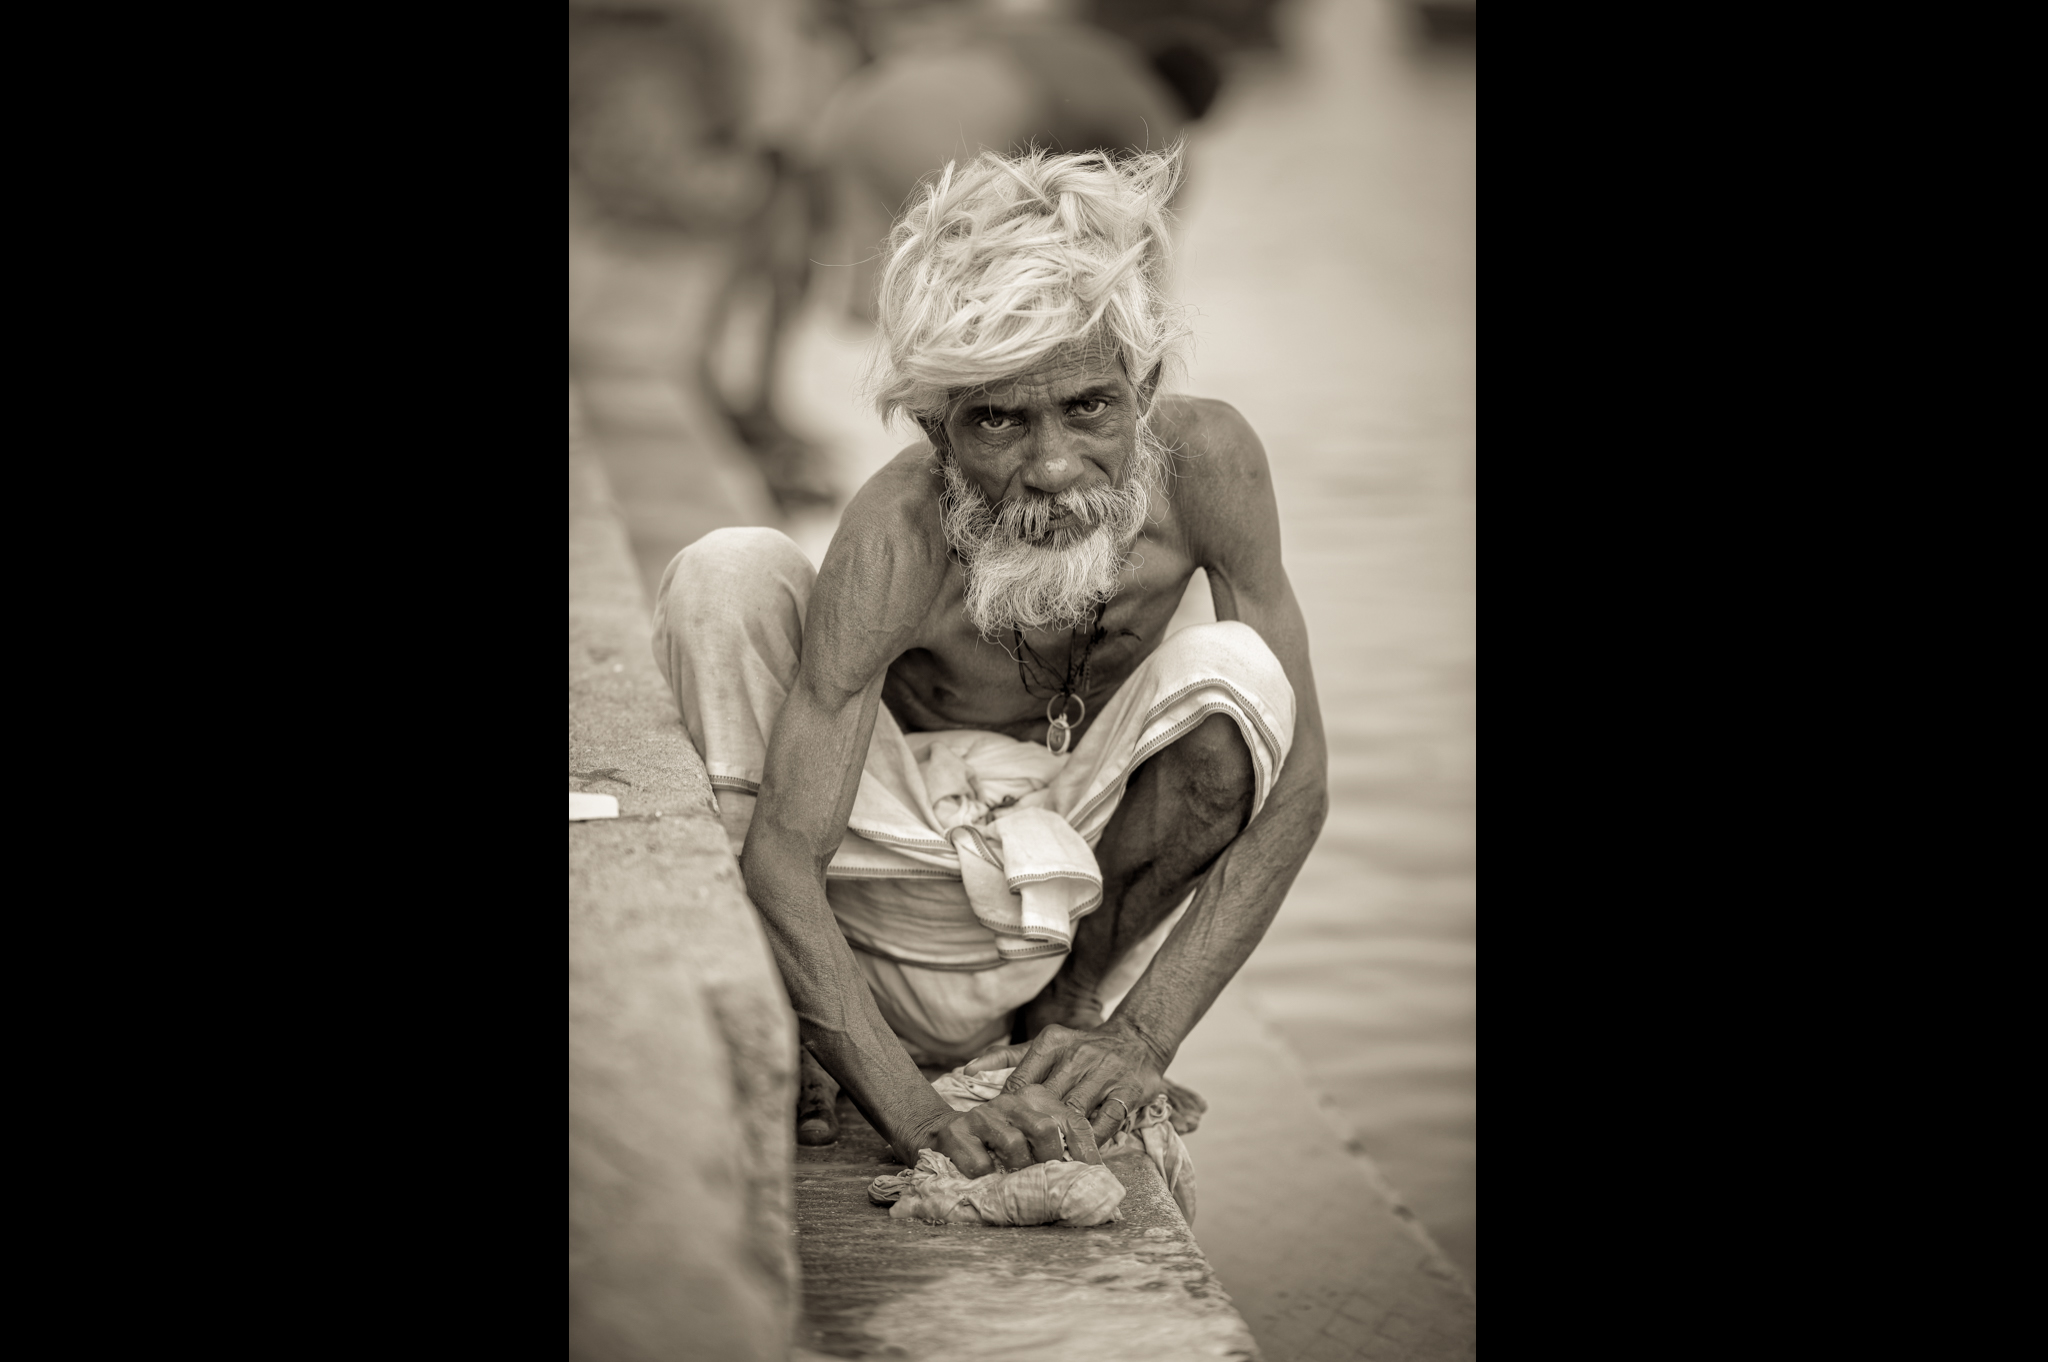 Ganges-Laundry-I1